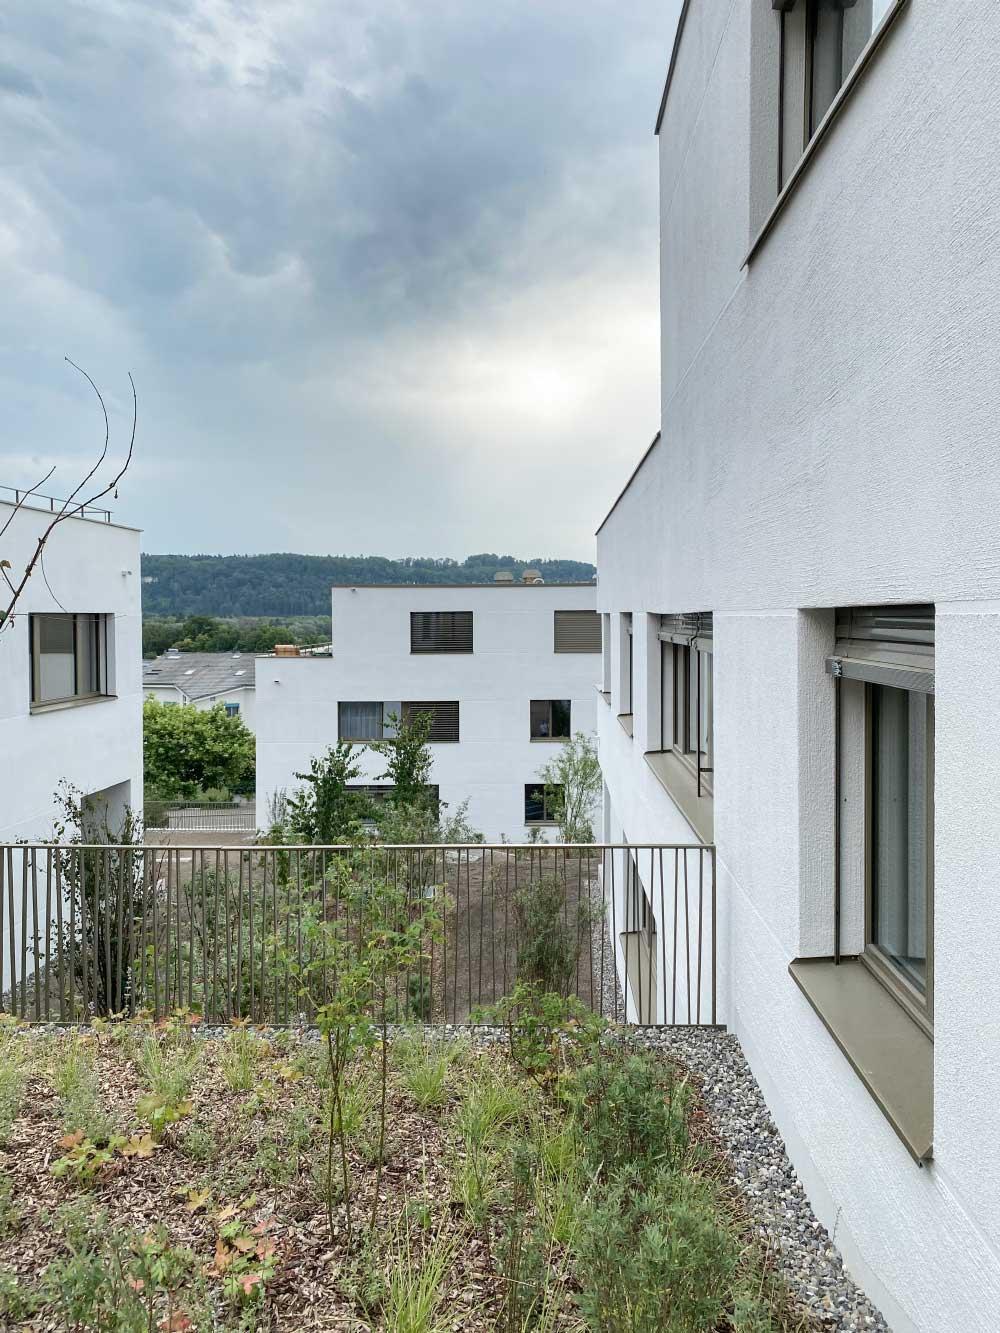 Erlin-8-Hunziker-Architekten-Wohnbau